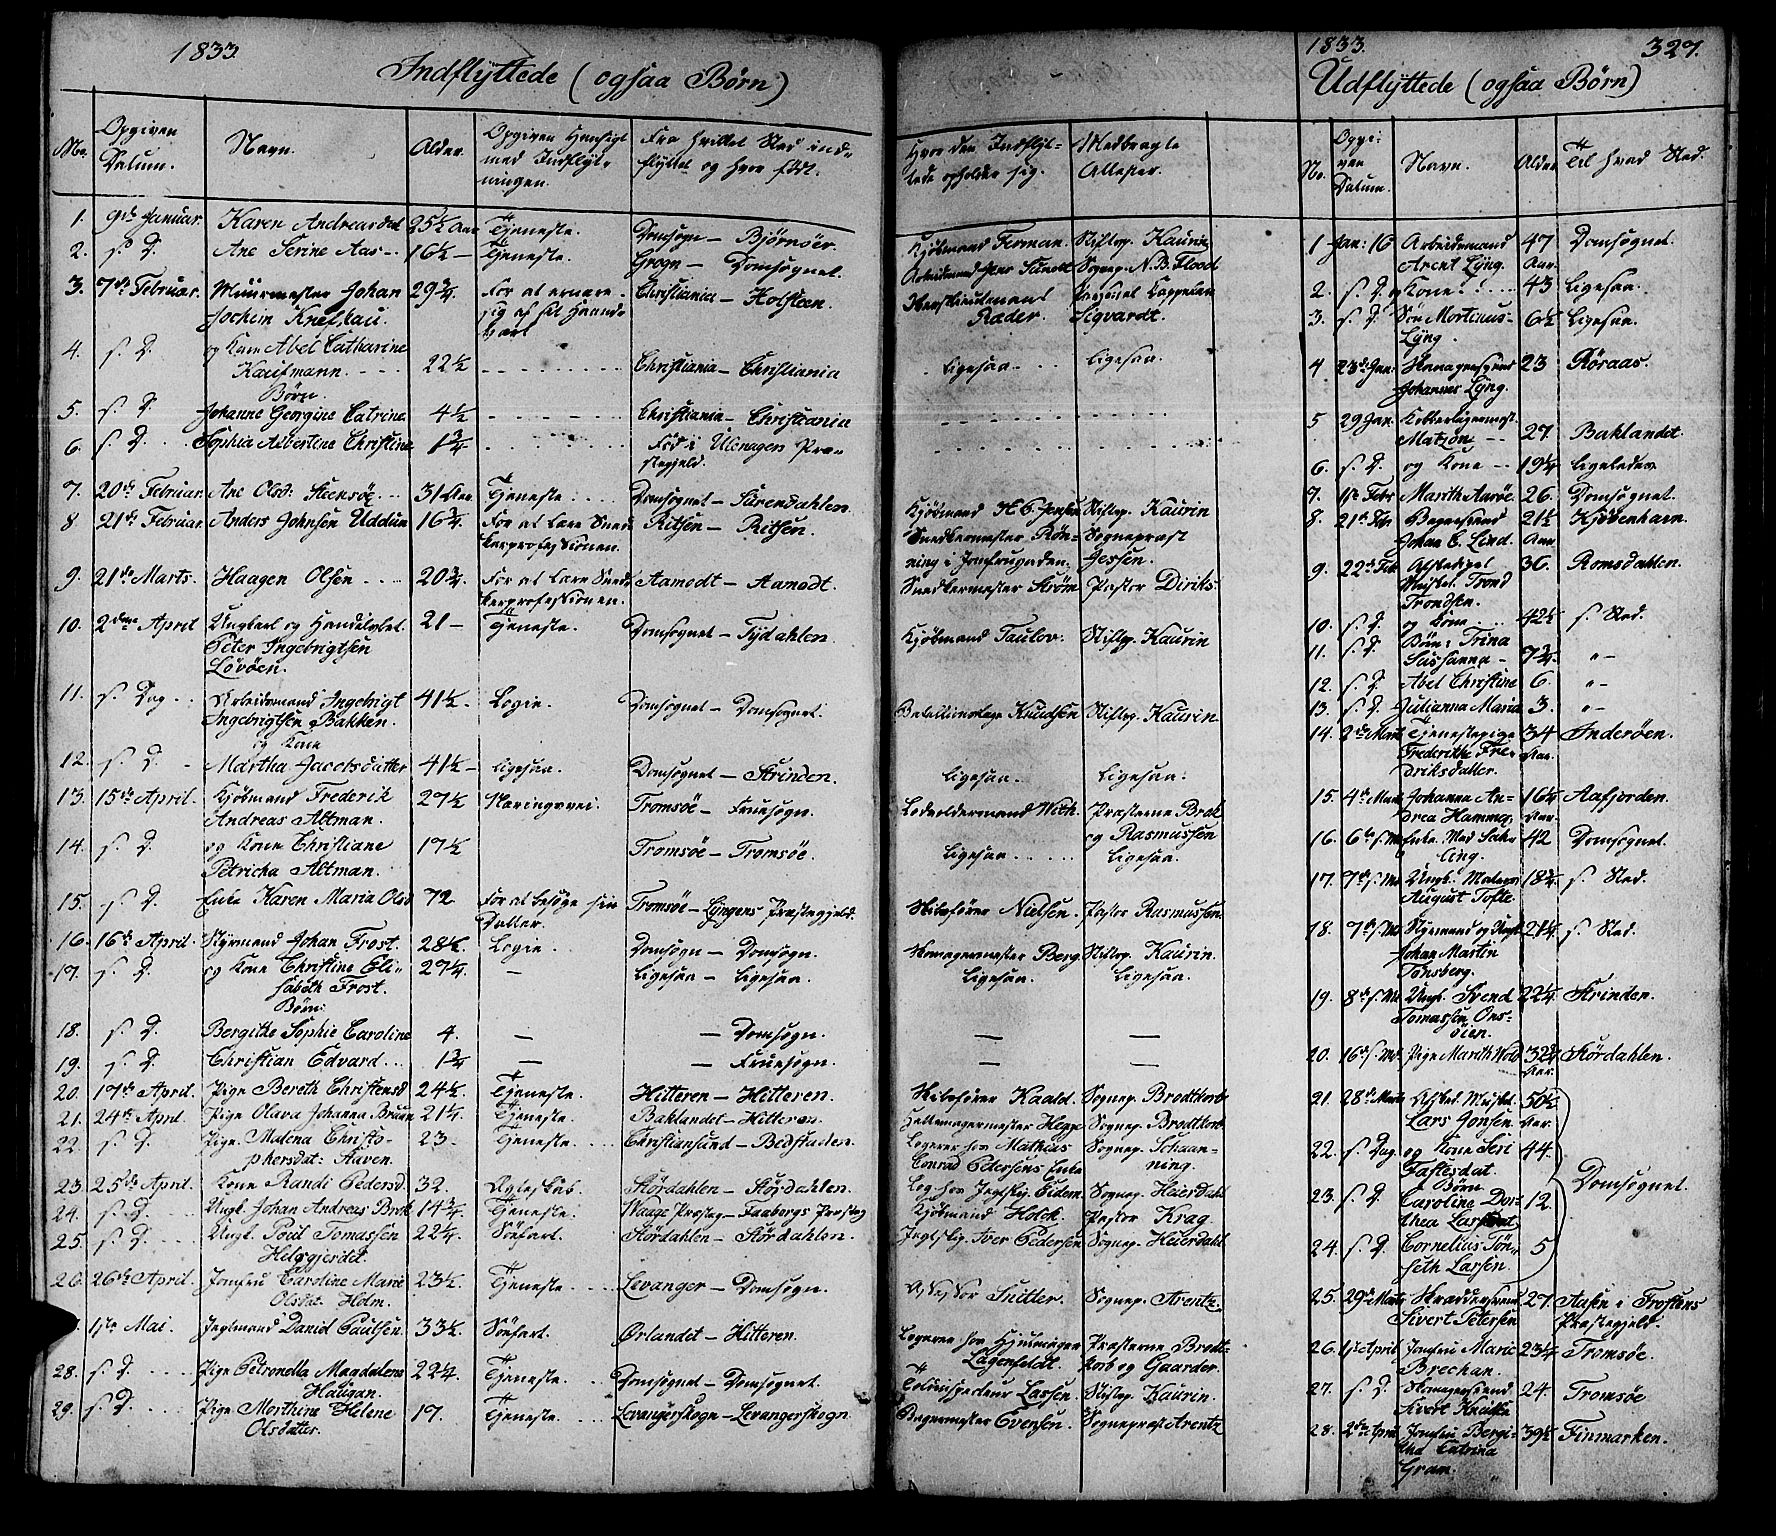 SAT, Ministerialprotokoller, klokkerbøker og fødselsregistre - Sør-Trøndelag, 602/L0136: Klokkerbok nr. 602C04, 1833-1845, s. 327